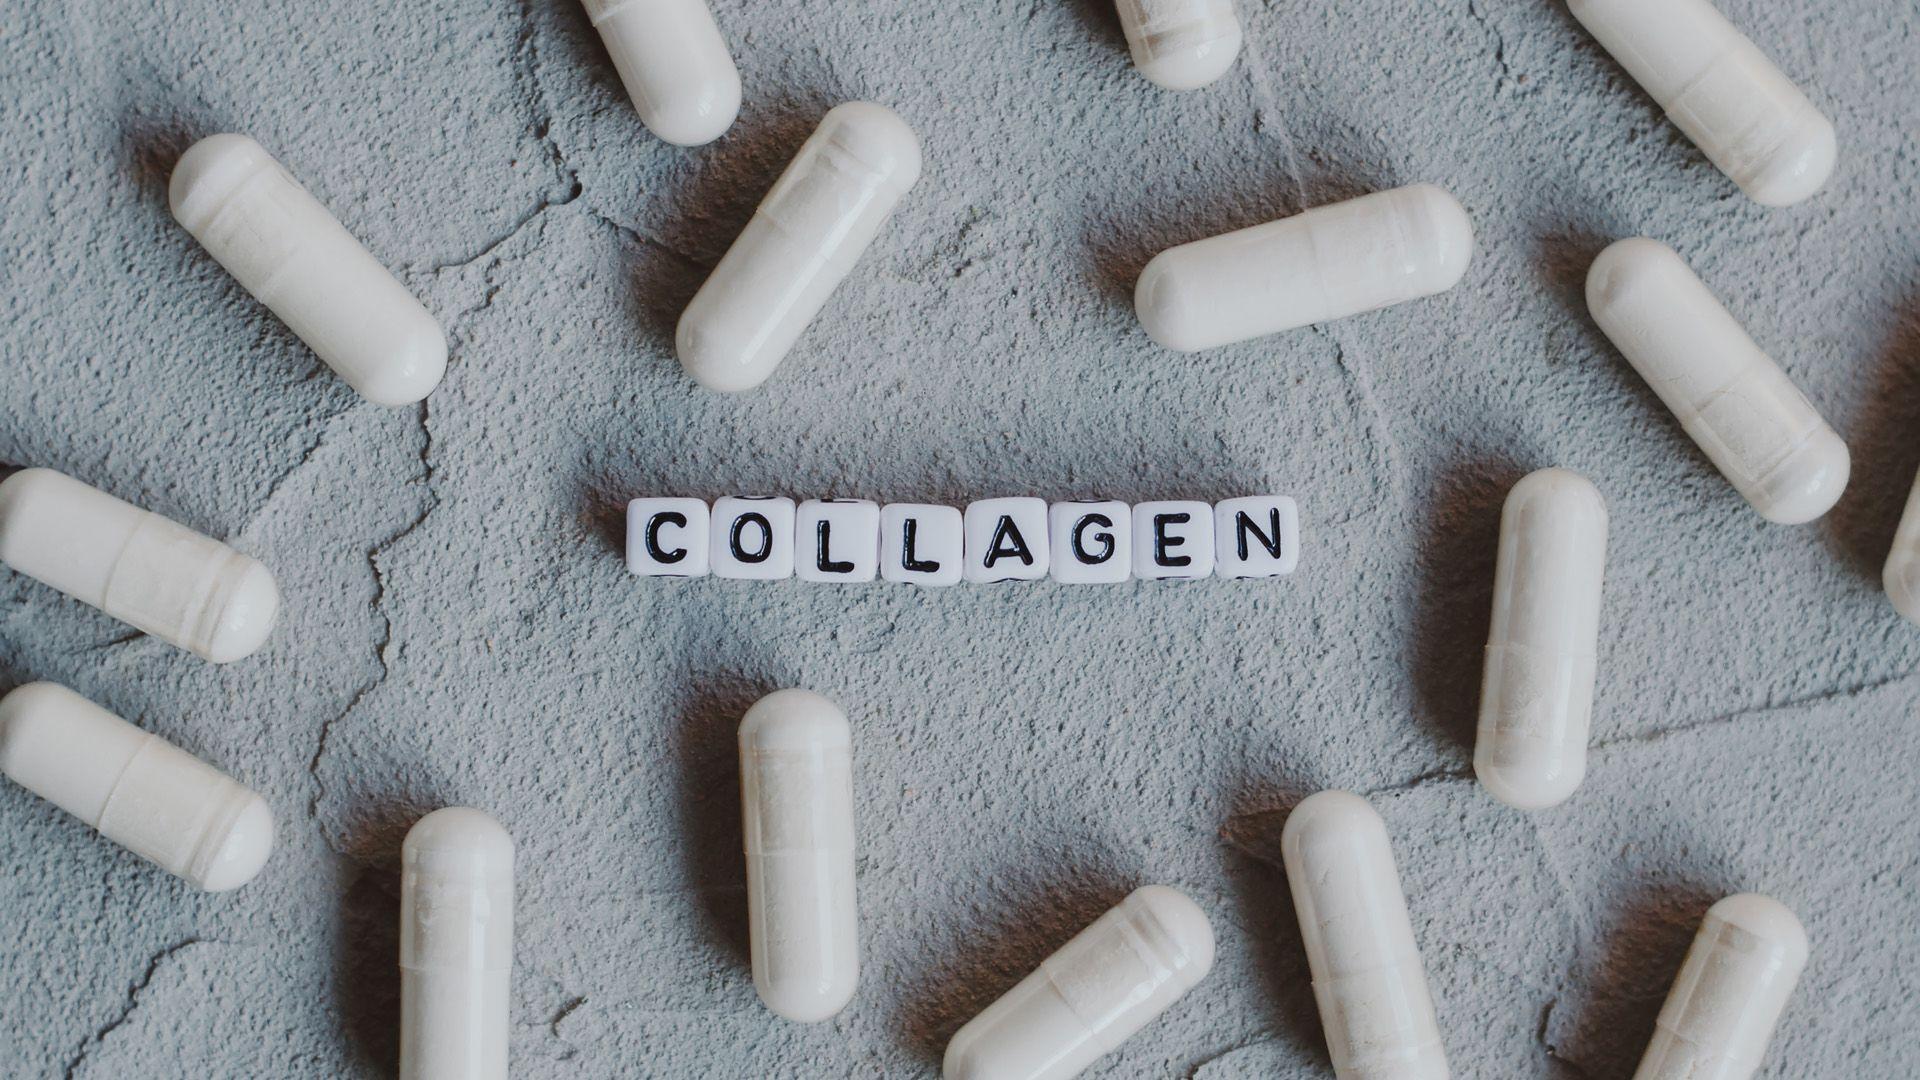 Szépülés kollagénpeptiddel? Nem egyszerű